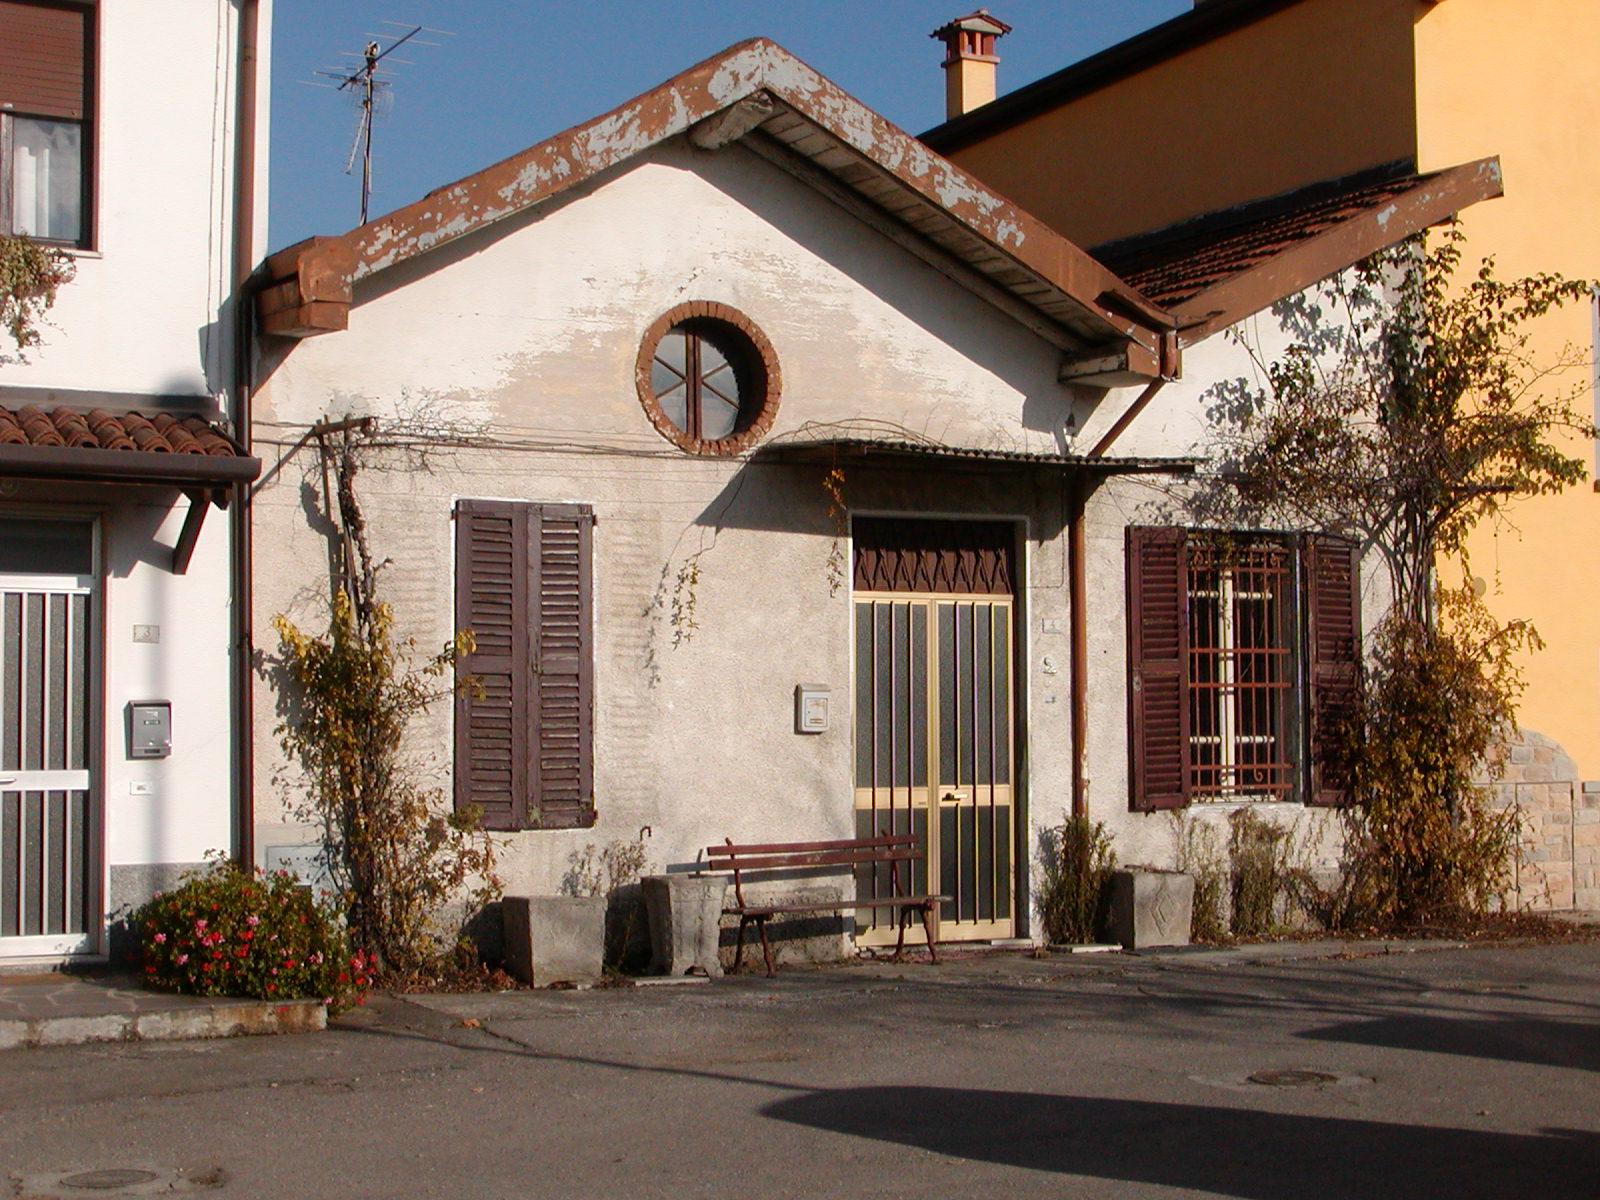 Studio-di-architettura-Baisotti-Sigala-prgetti98